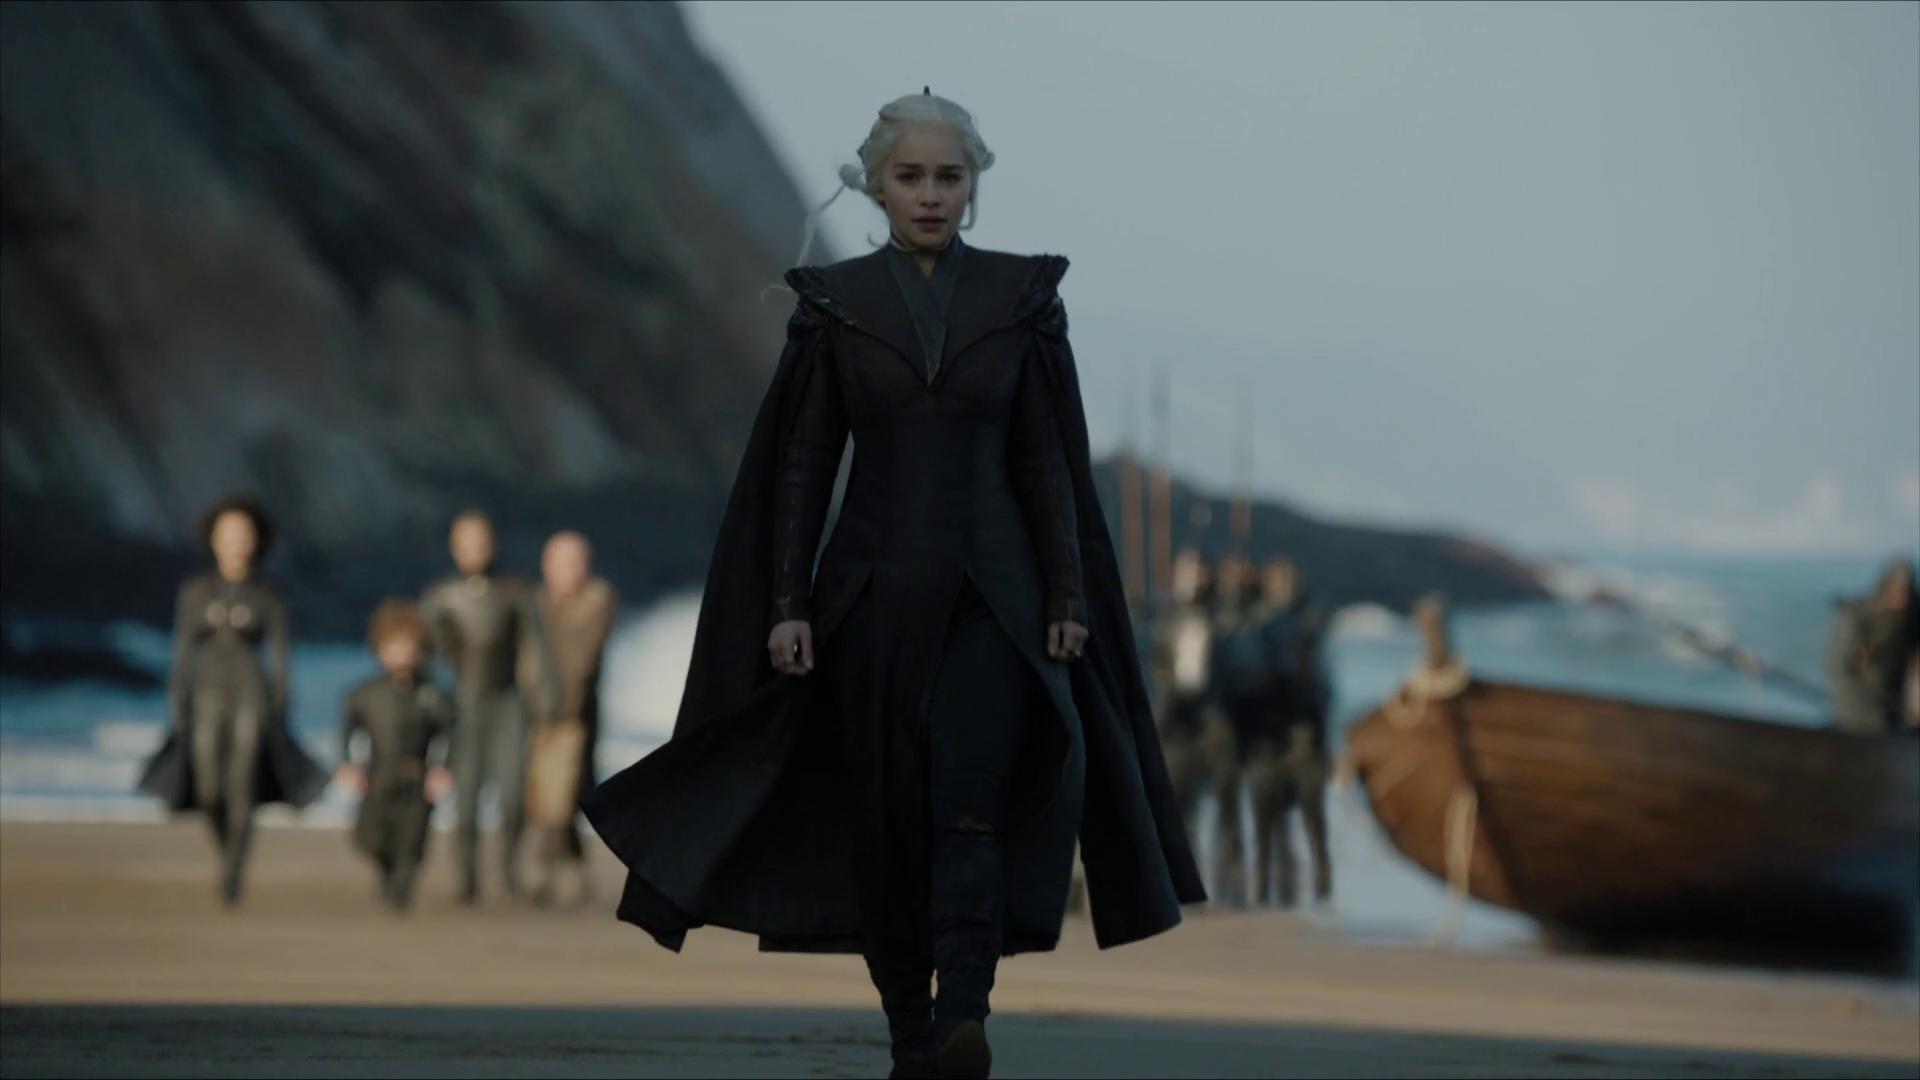 daenerys-targaryen-game-of-thrones-dragonstone.png